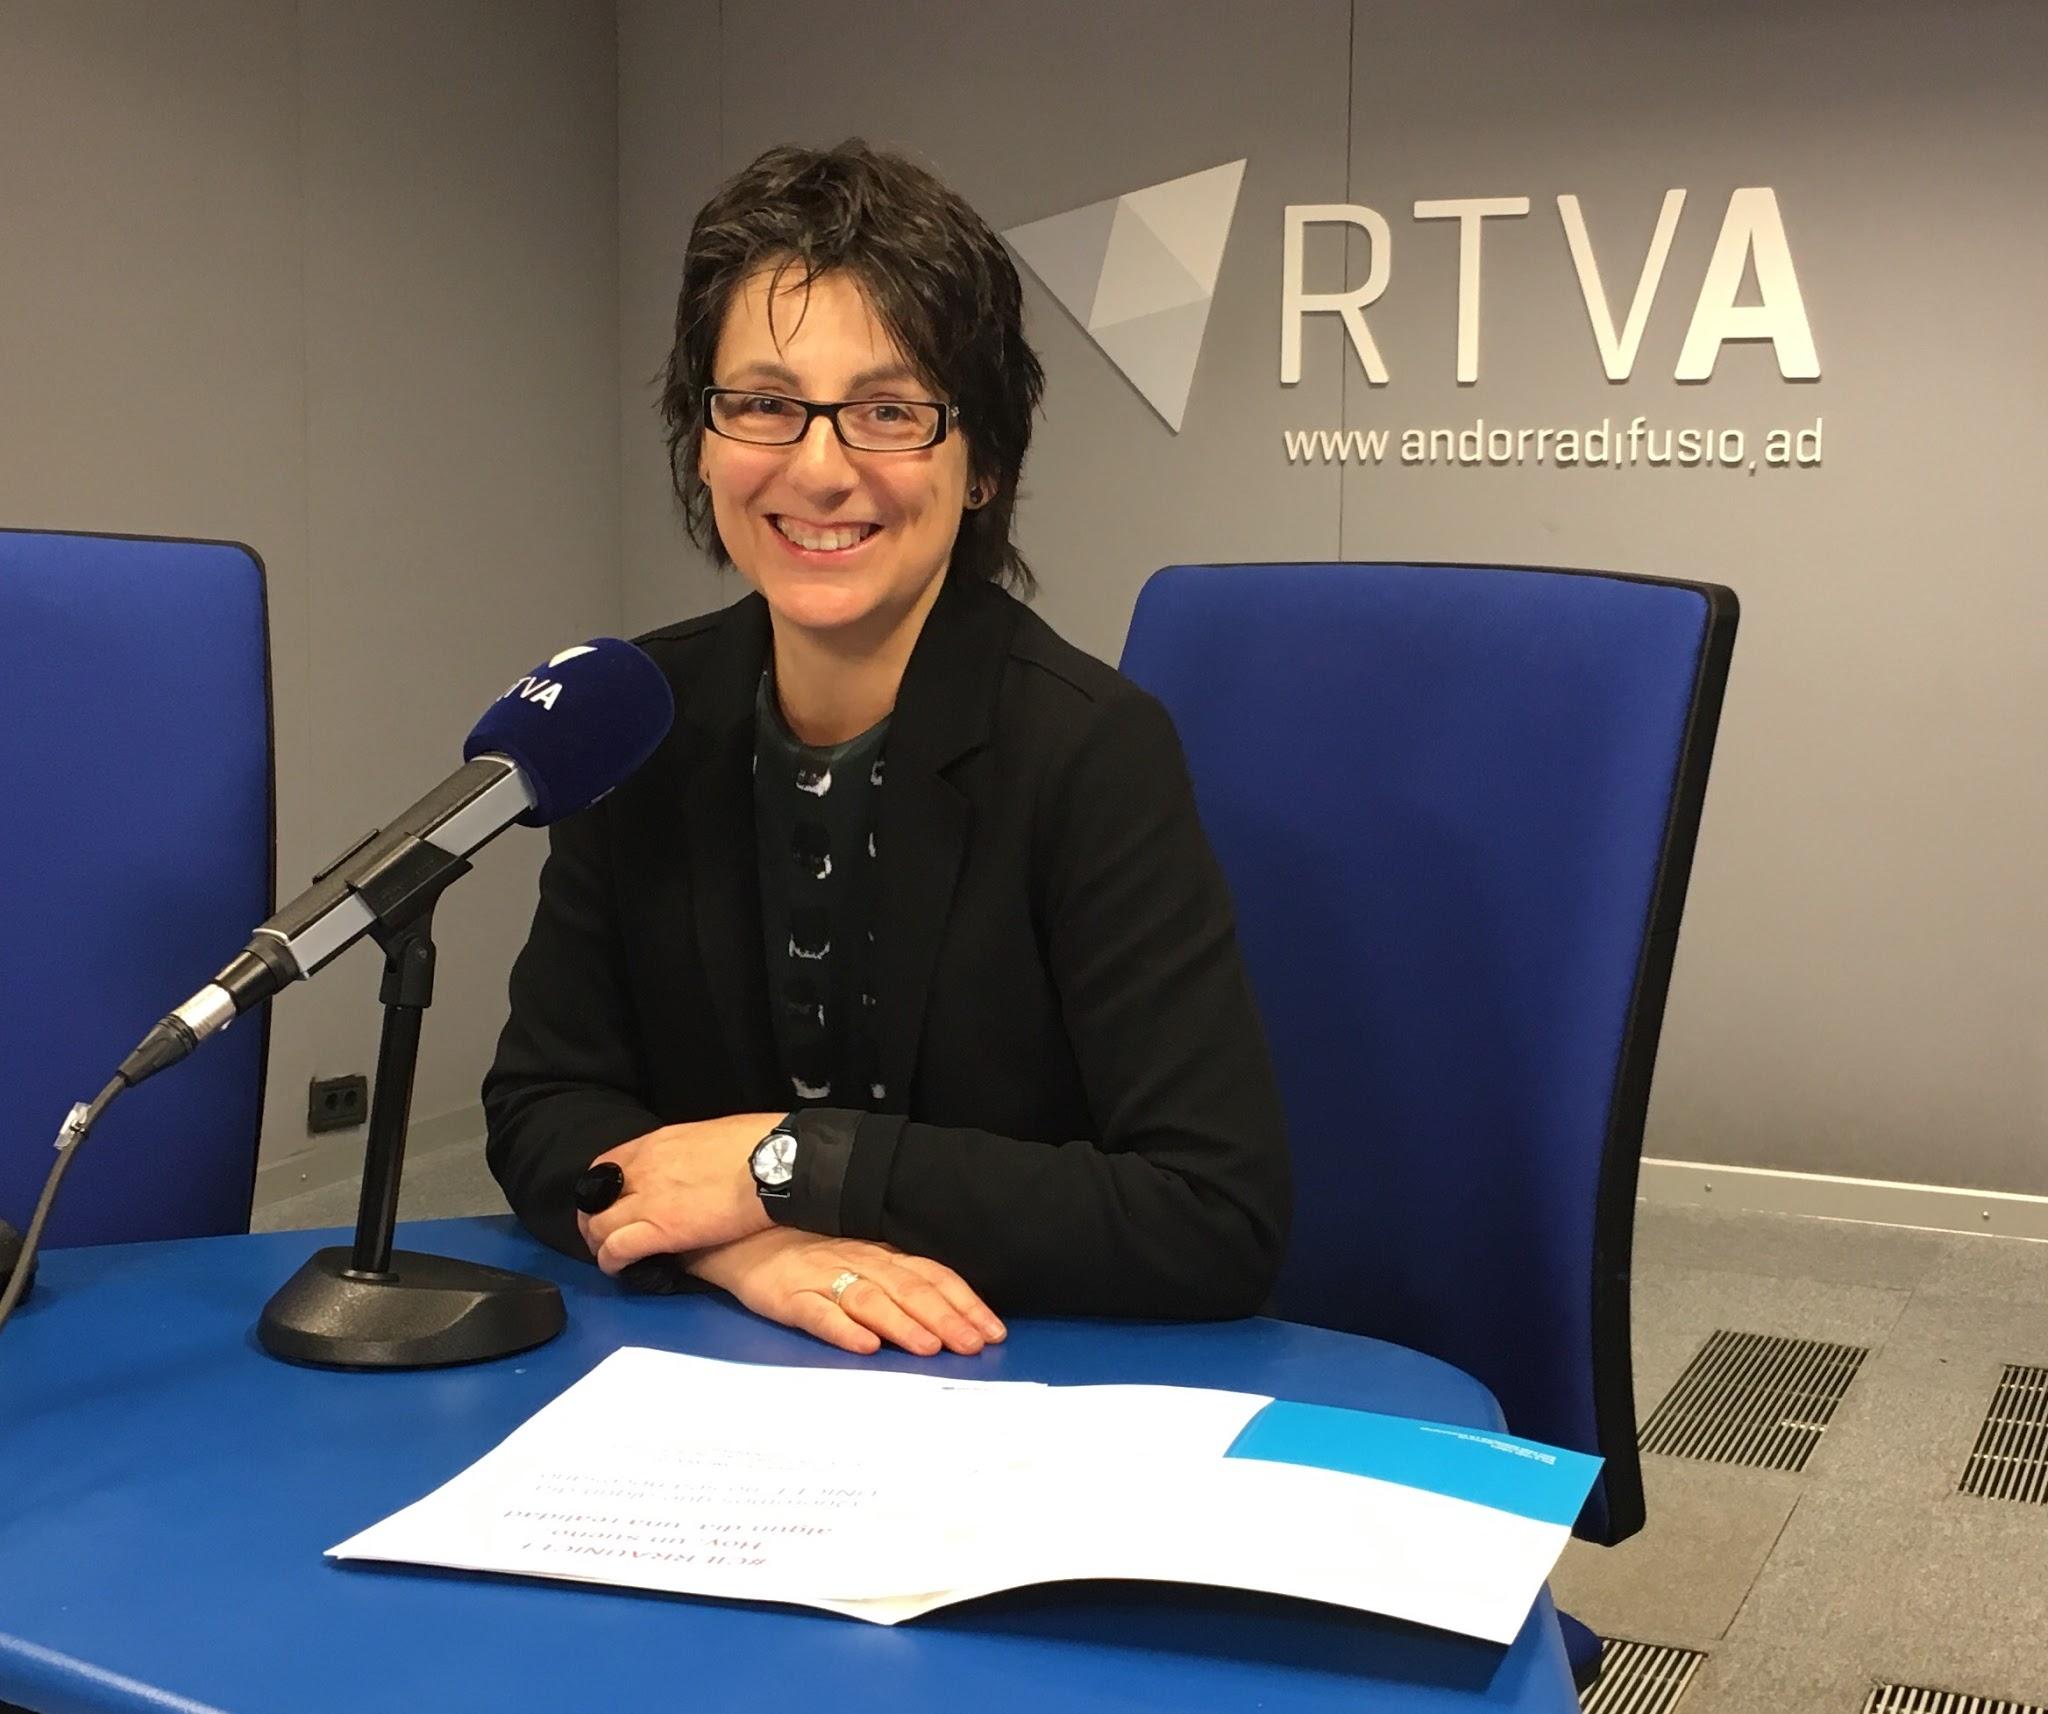 Comença una nova Setmana de la infància d'Unicef Andorra i RTVA